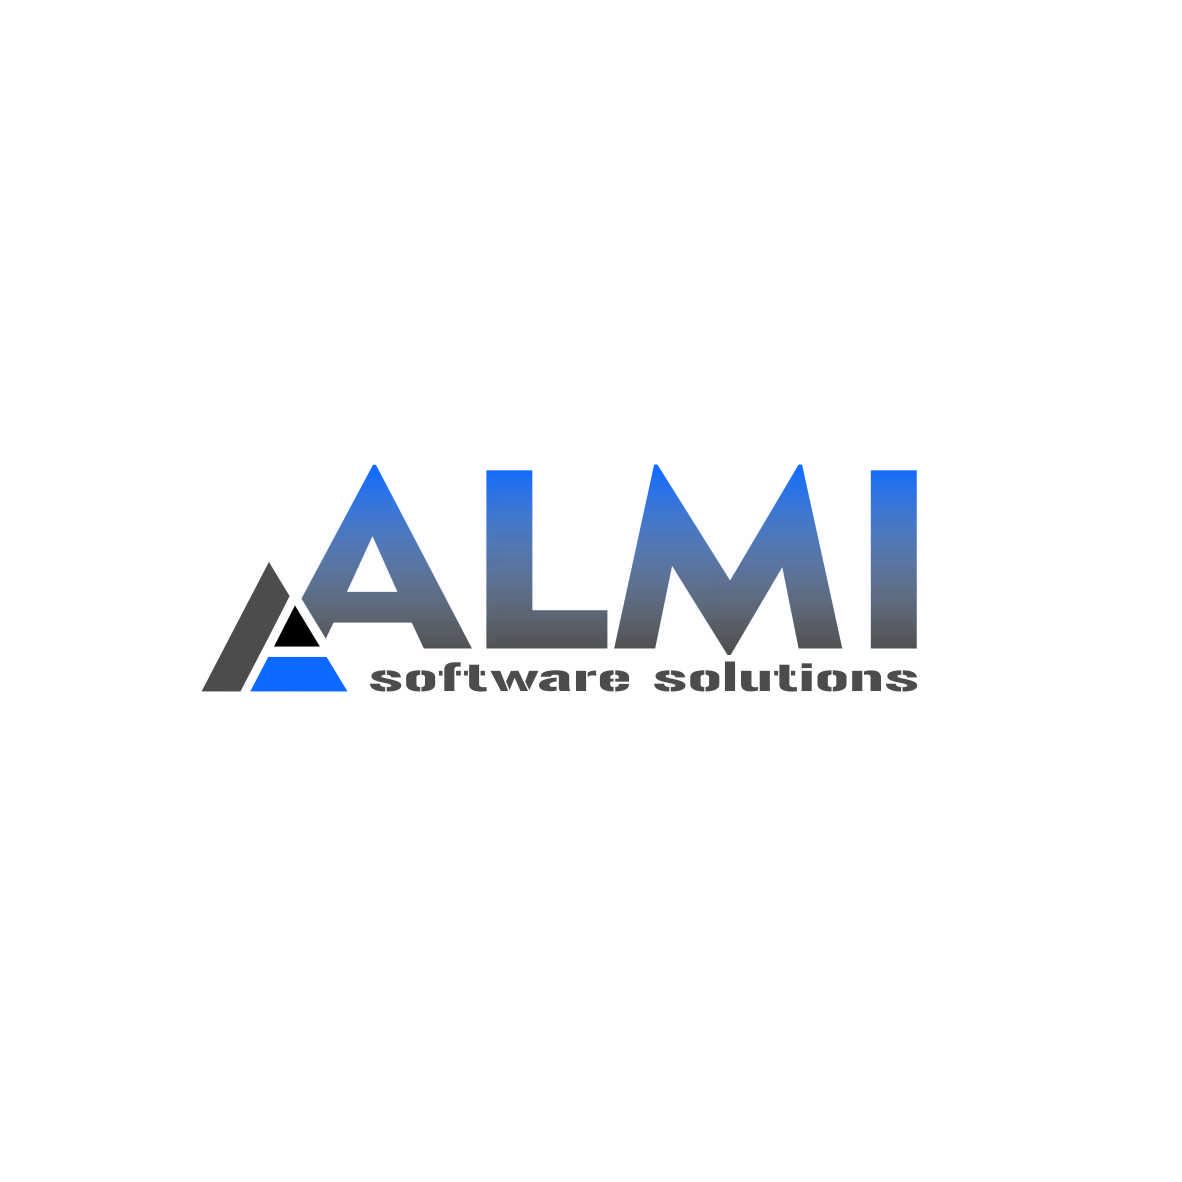 Разработка логотипа и фона фото f_528598b09d3233a5.jpg